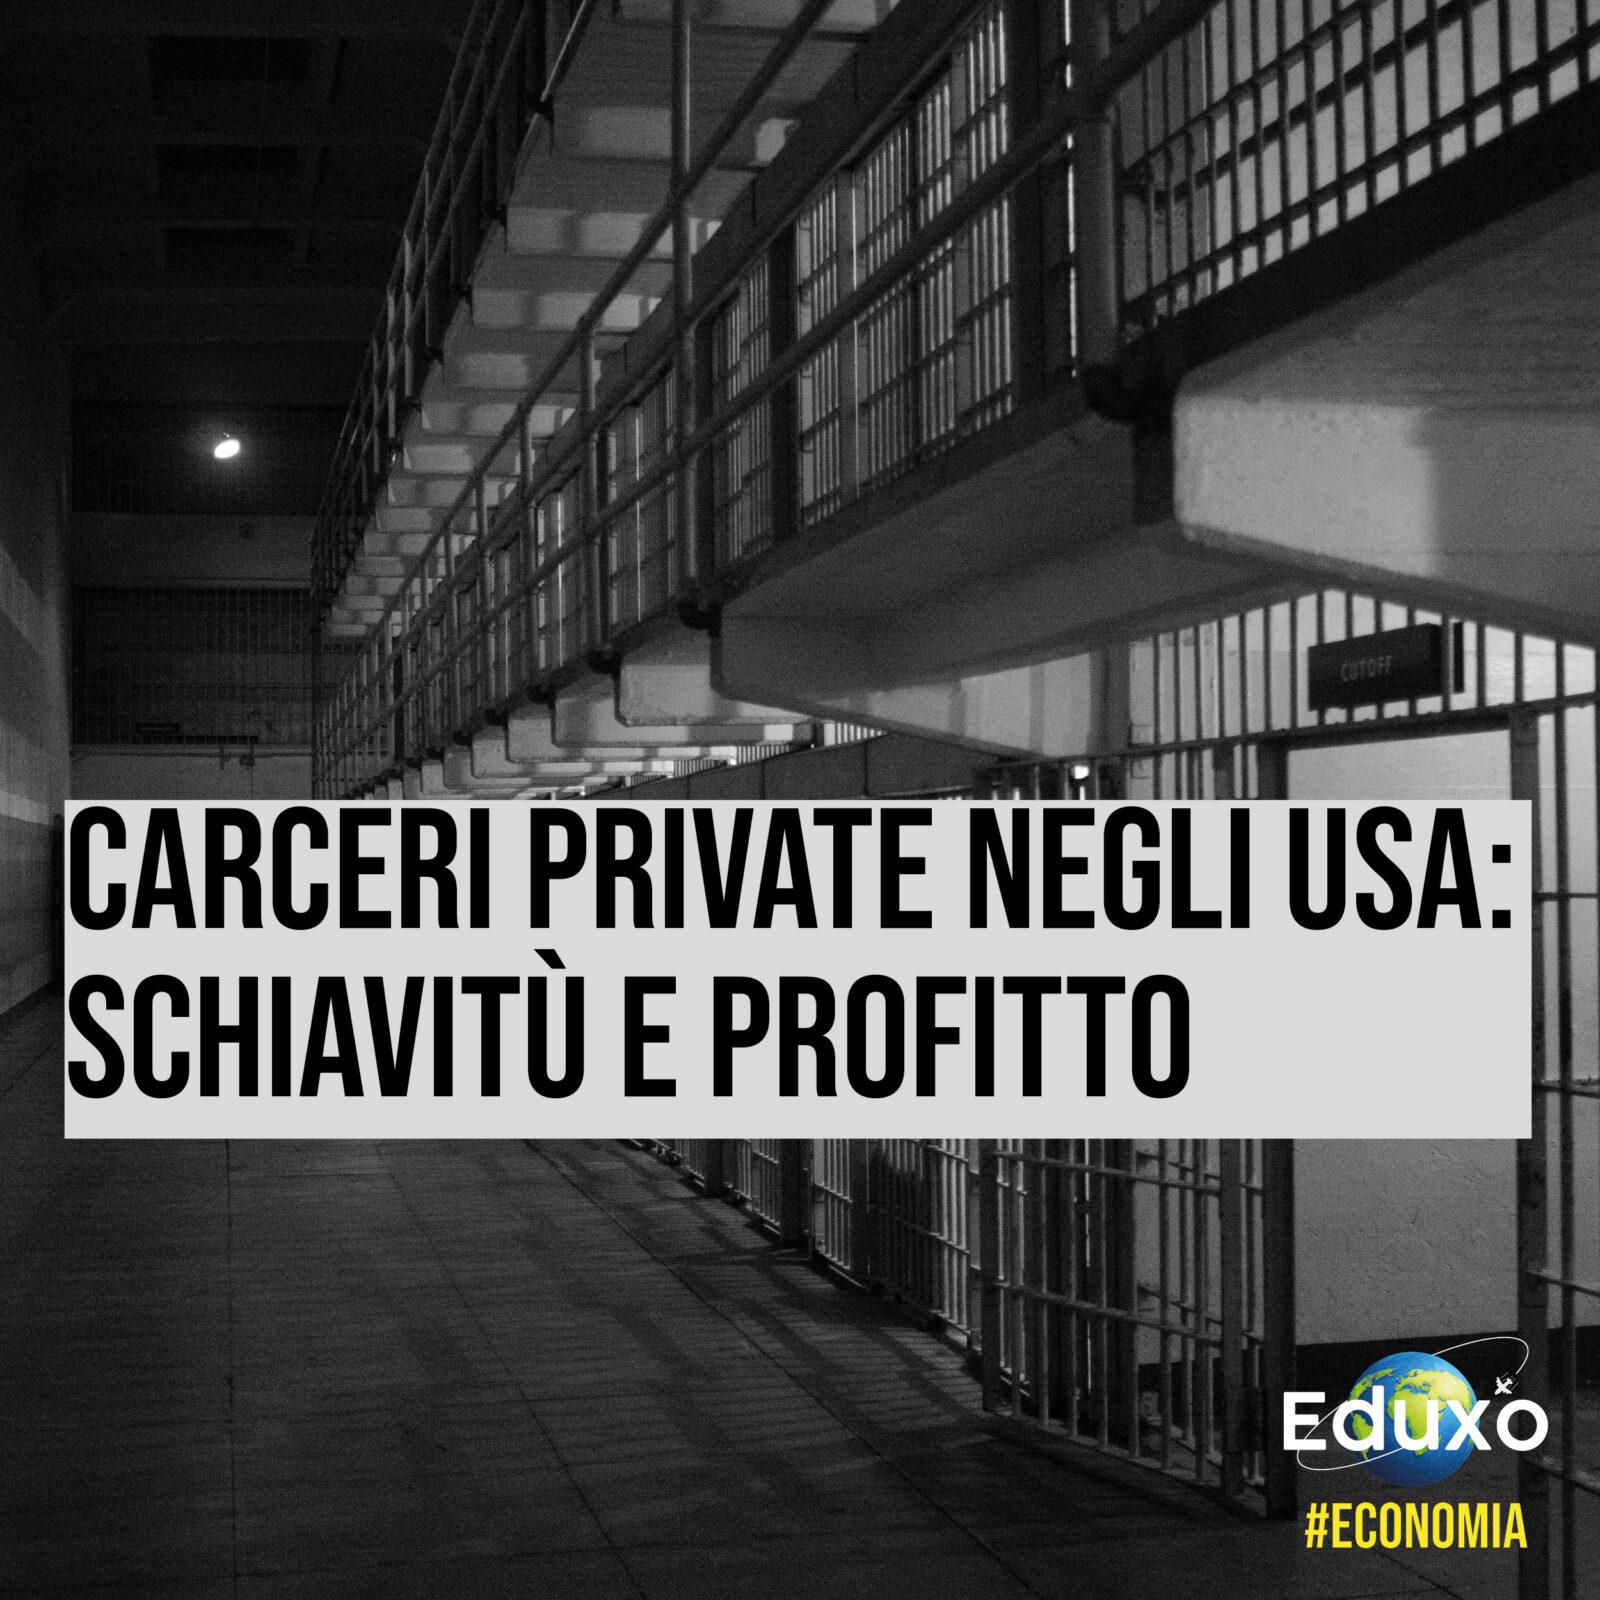 Carceri private USA: schiavitù e profitto